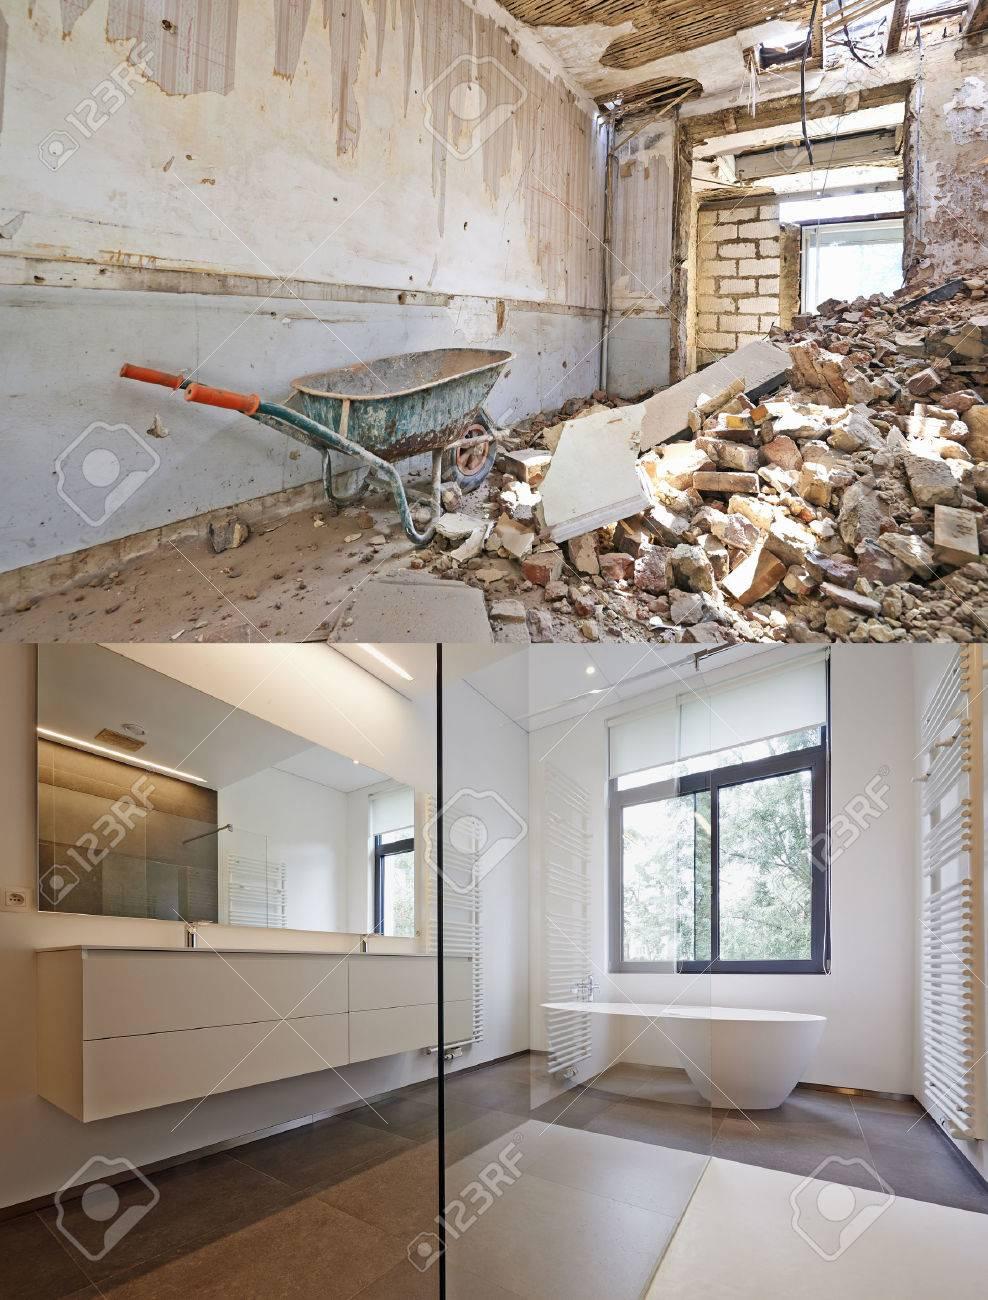 Badkar i corian, kran och dusch i kaklat badrum, renovering före ...